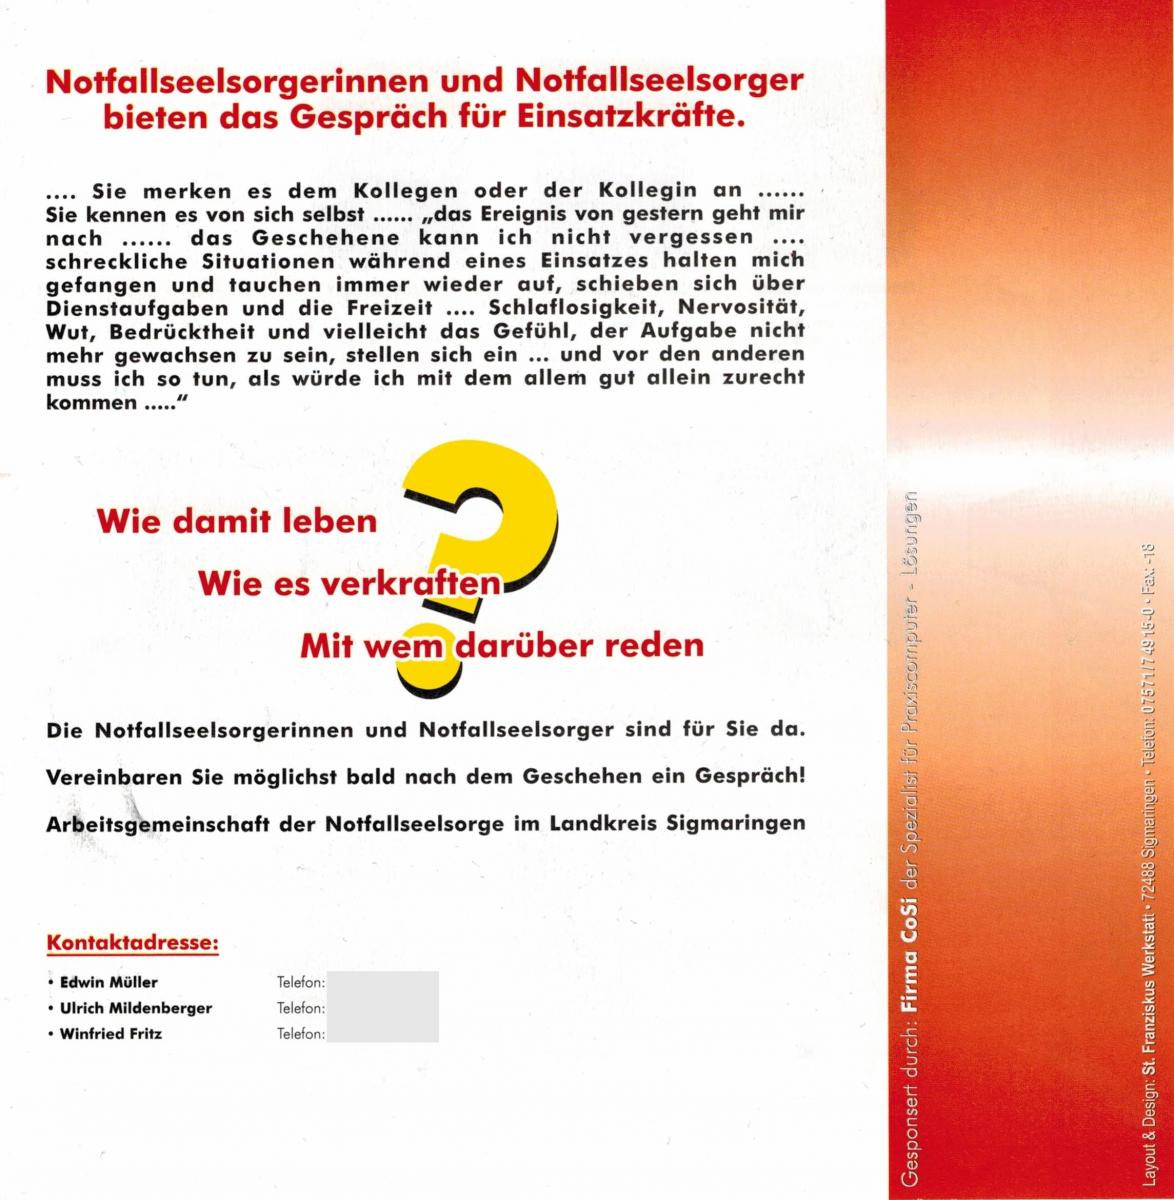 2001-nfs-flyer-04